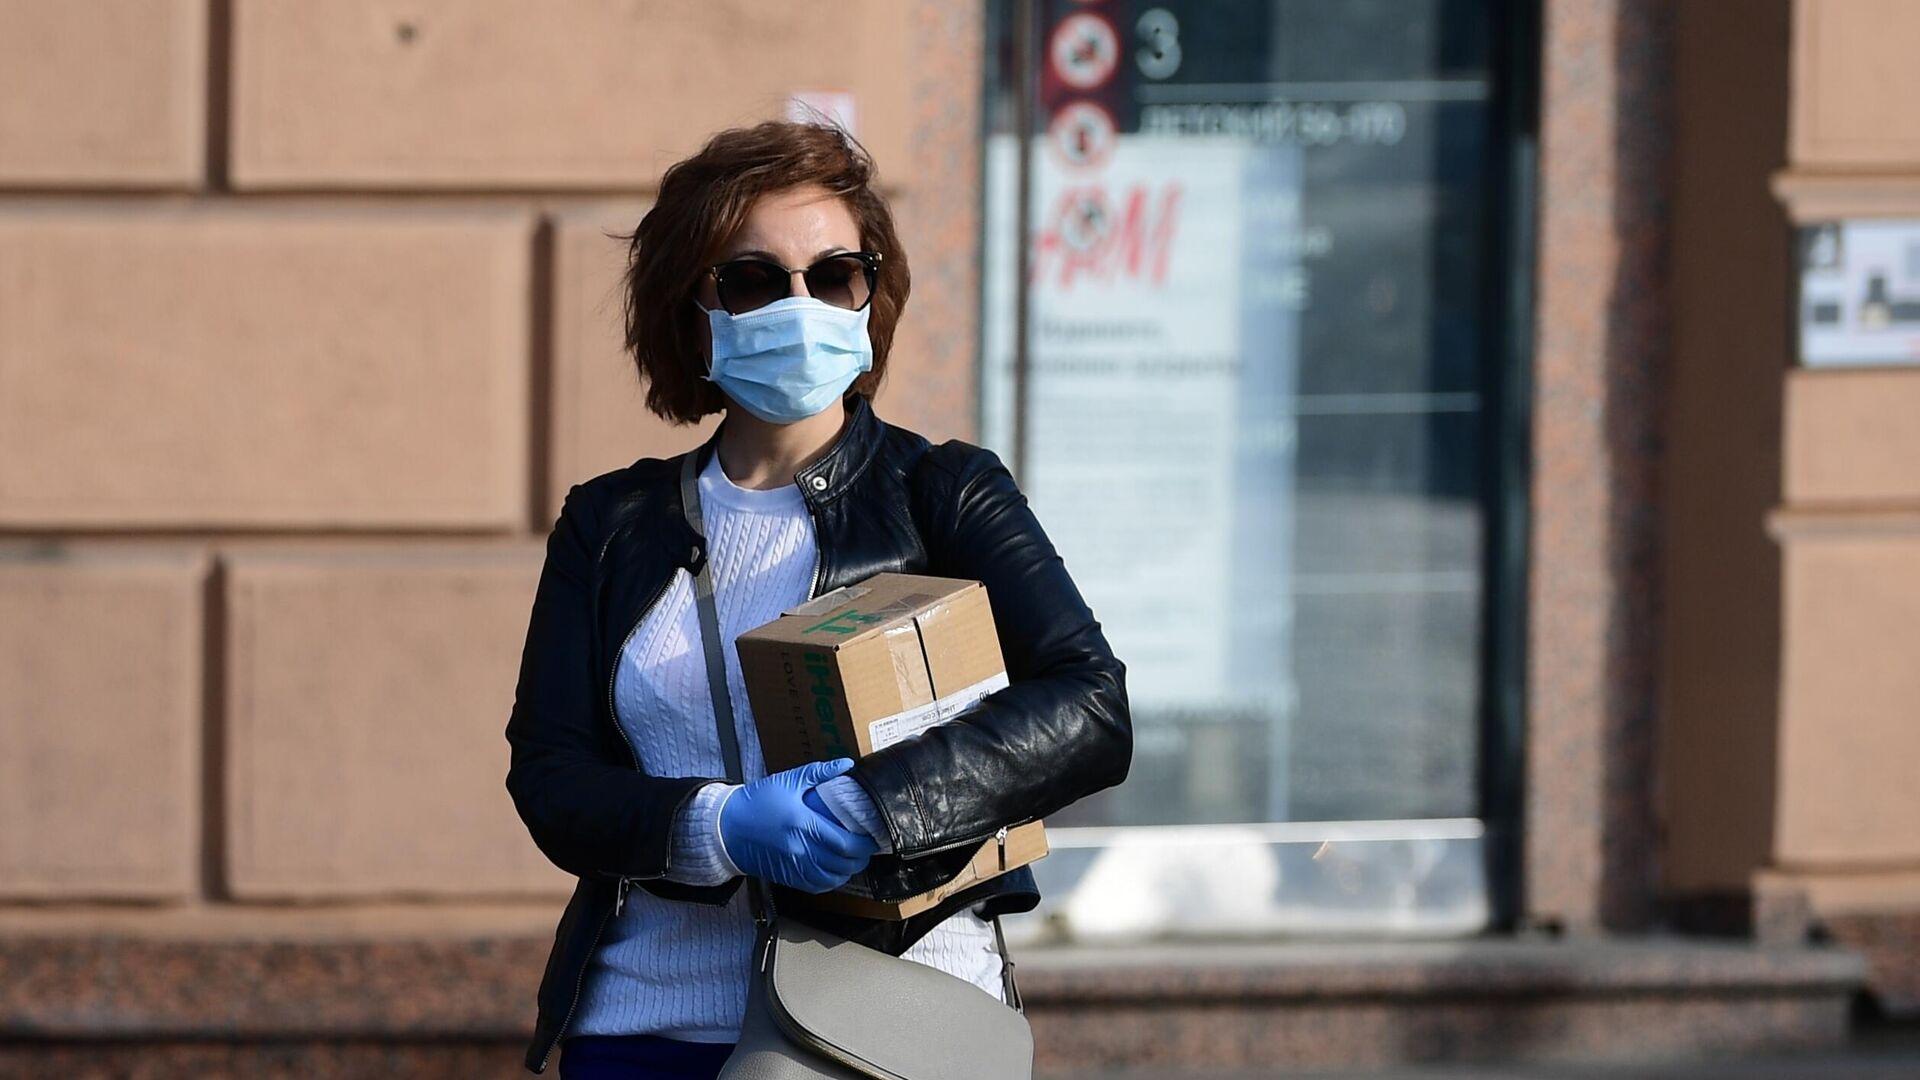 Девушка в медицинской маске и перчатках на улице Москвы - РИА Новости, 1920, 10.02.2021